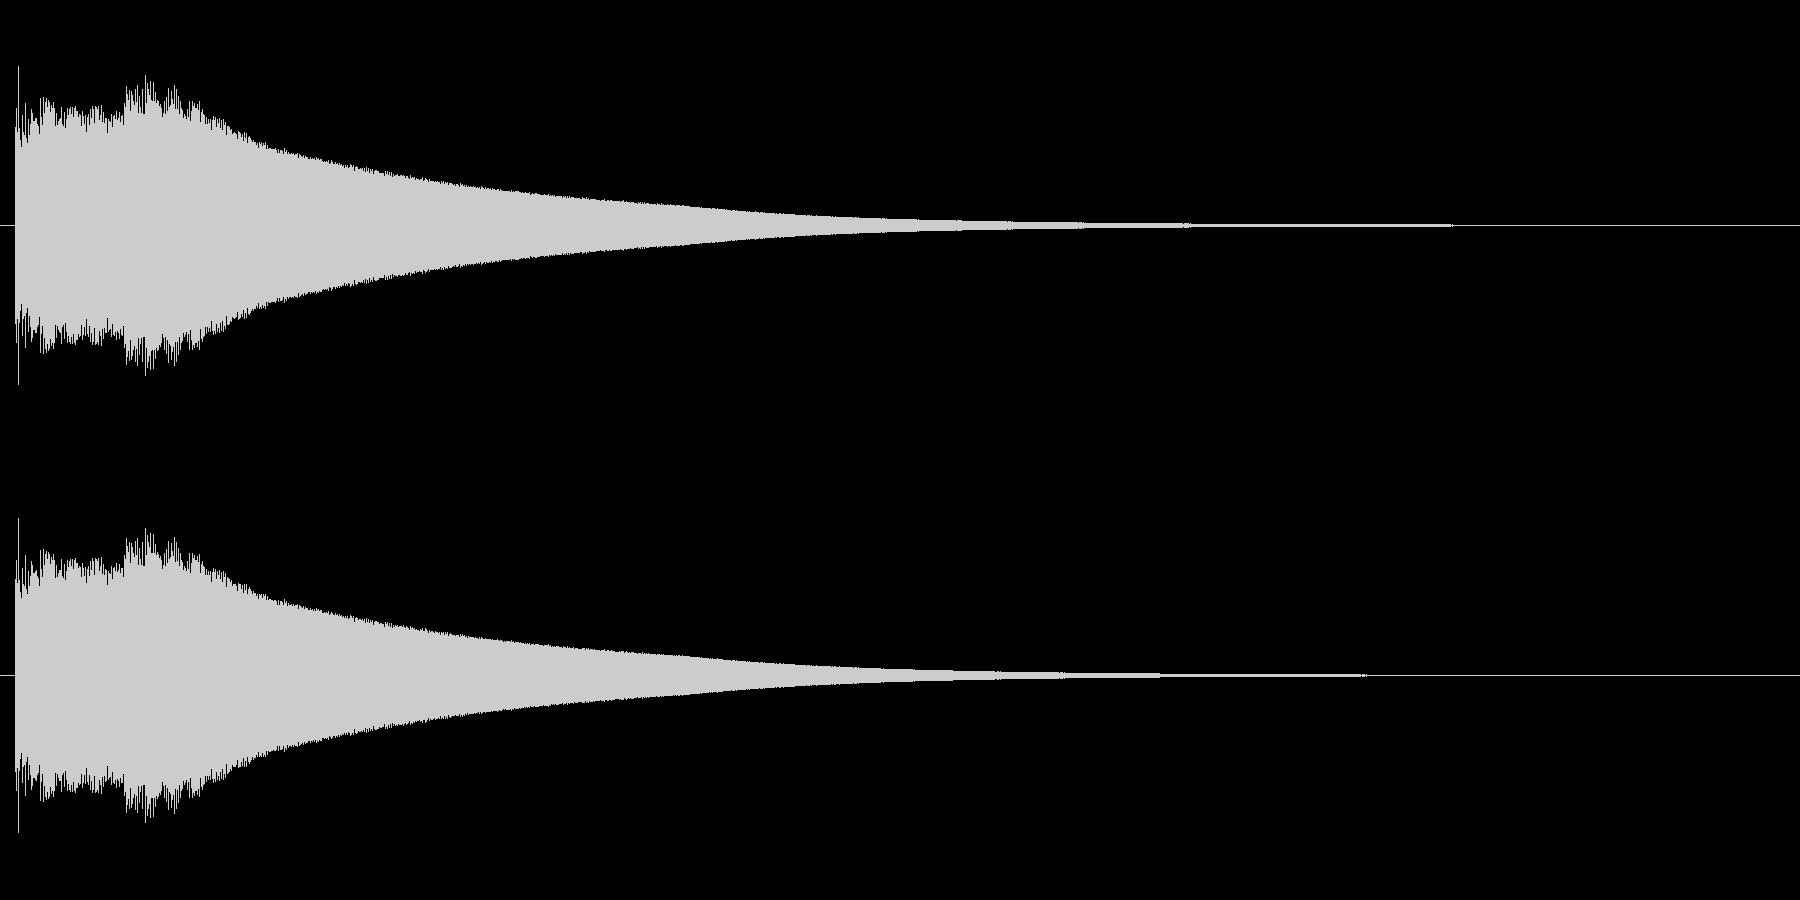 キコーンという金属音の未再生の波形